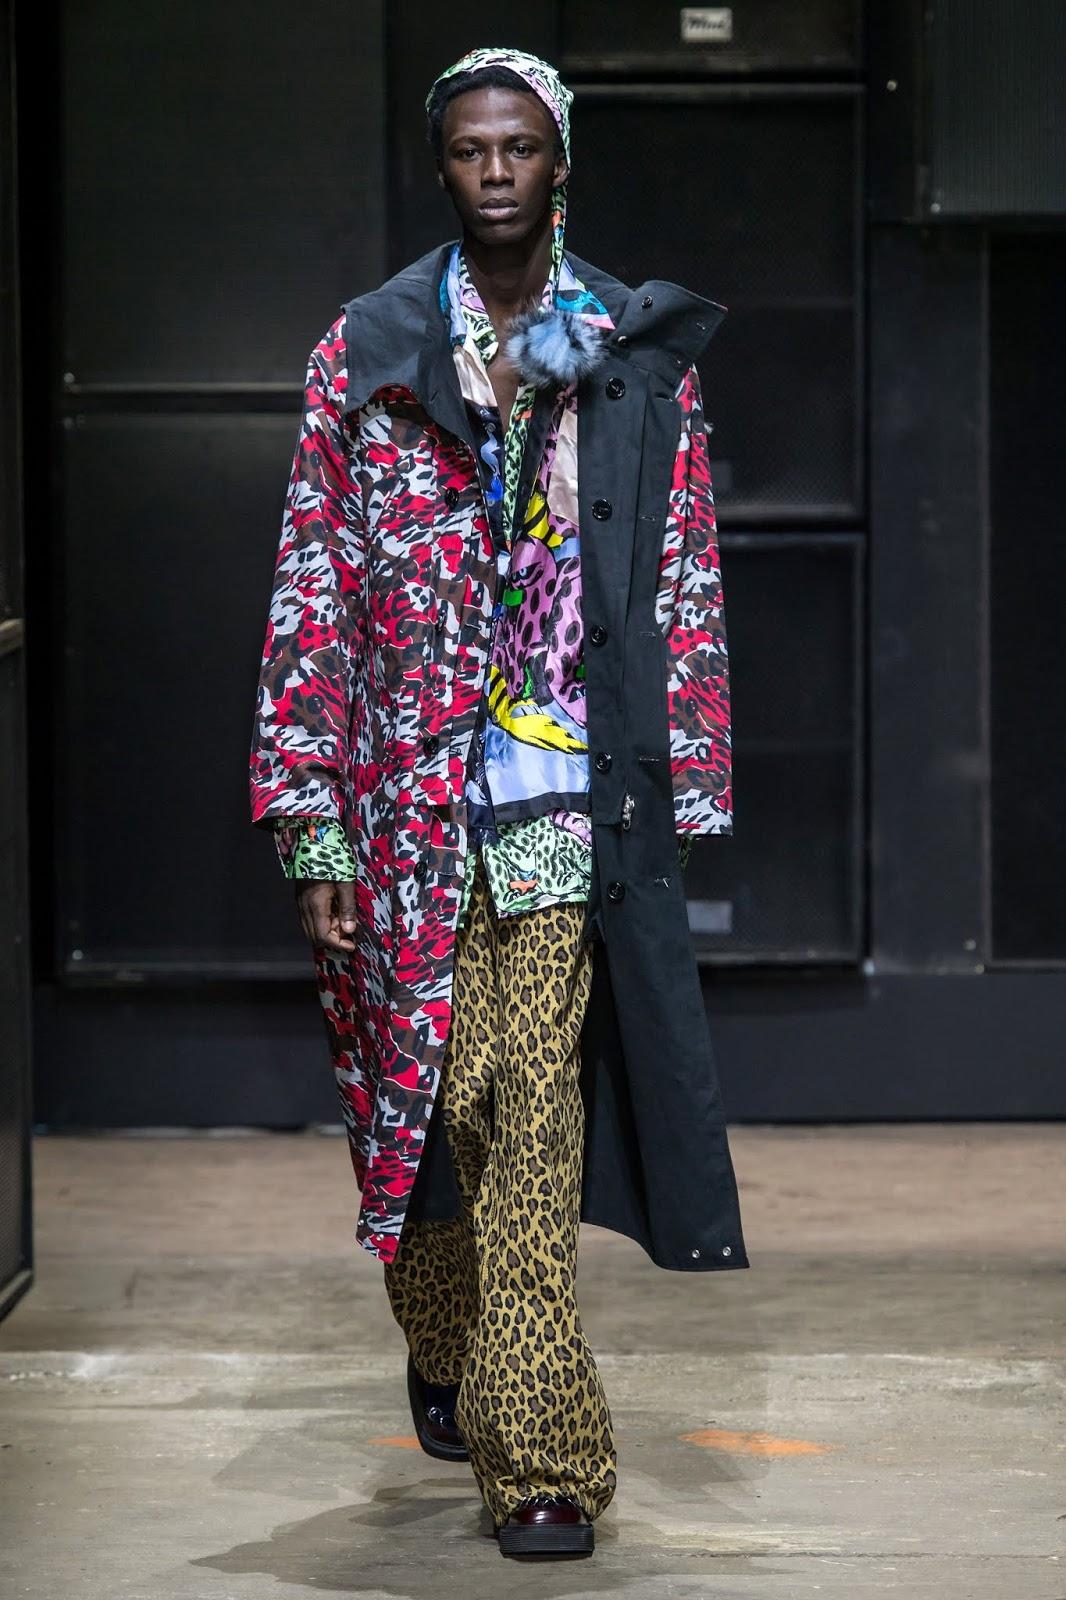 b7466ef75e Moda uomo: 5 tendenze dalle sfilate di Milano e Parigi | Sbirilla